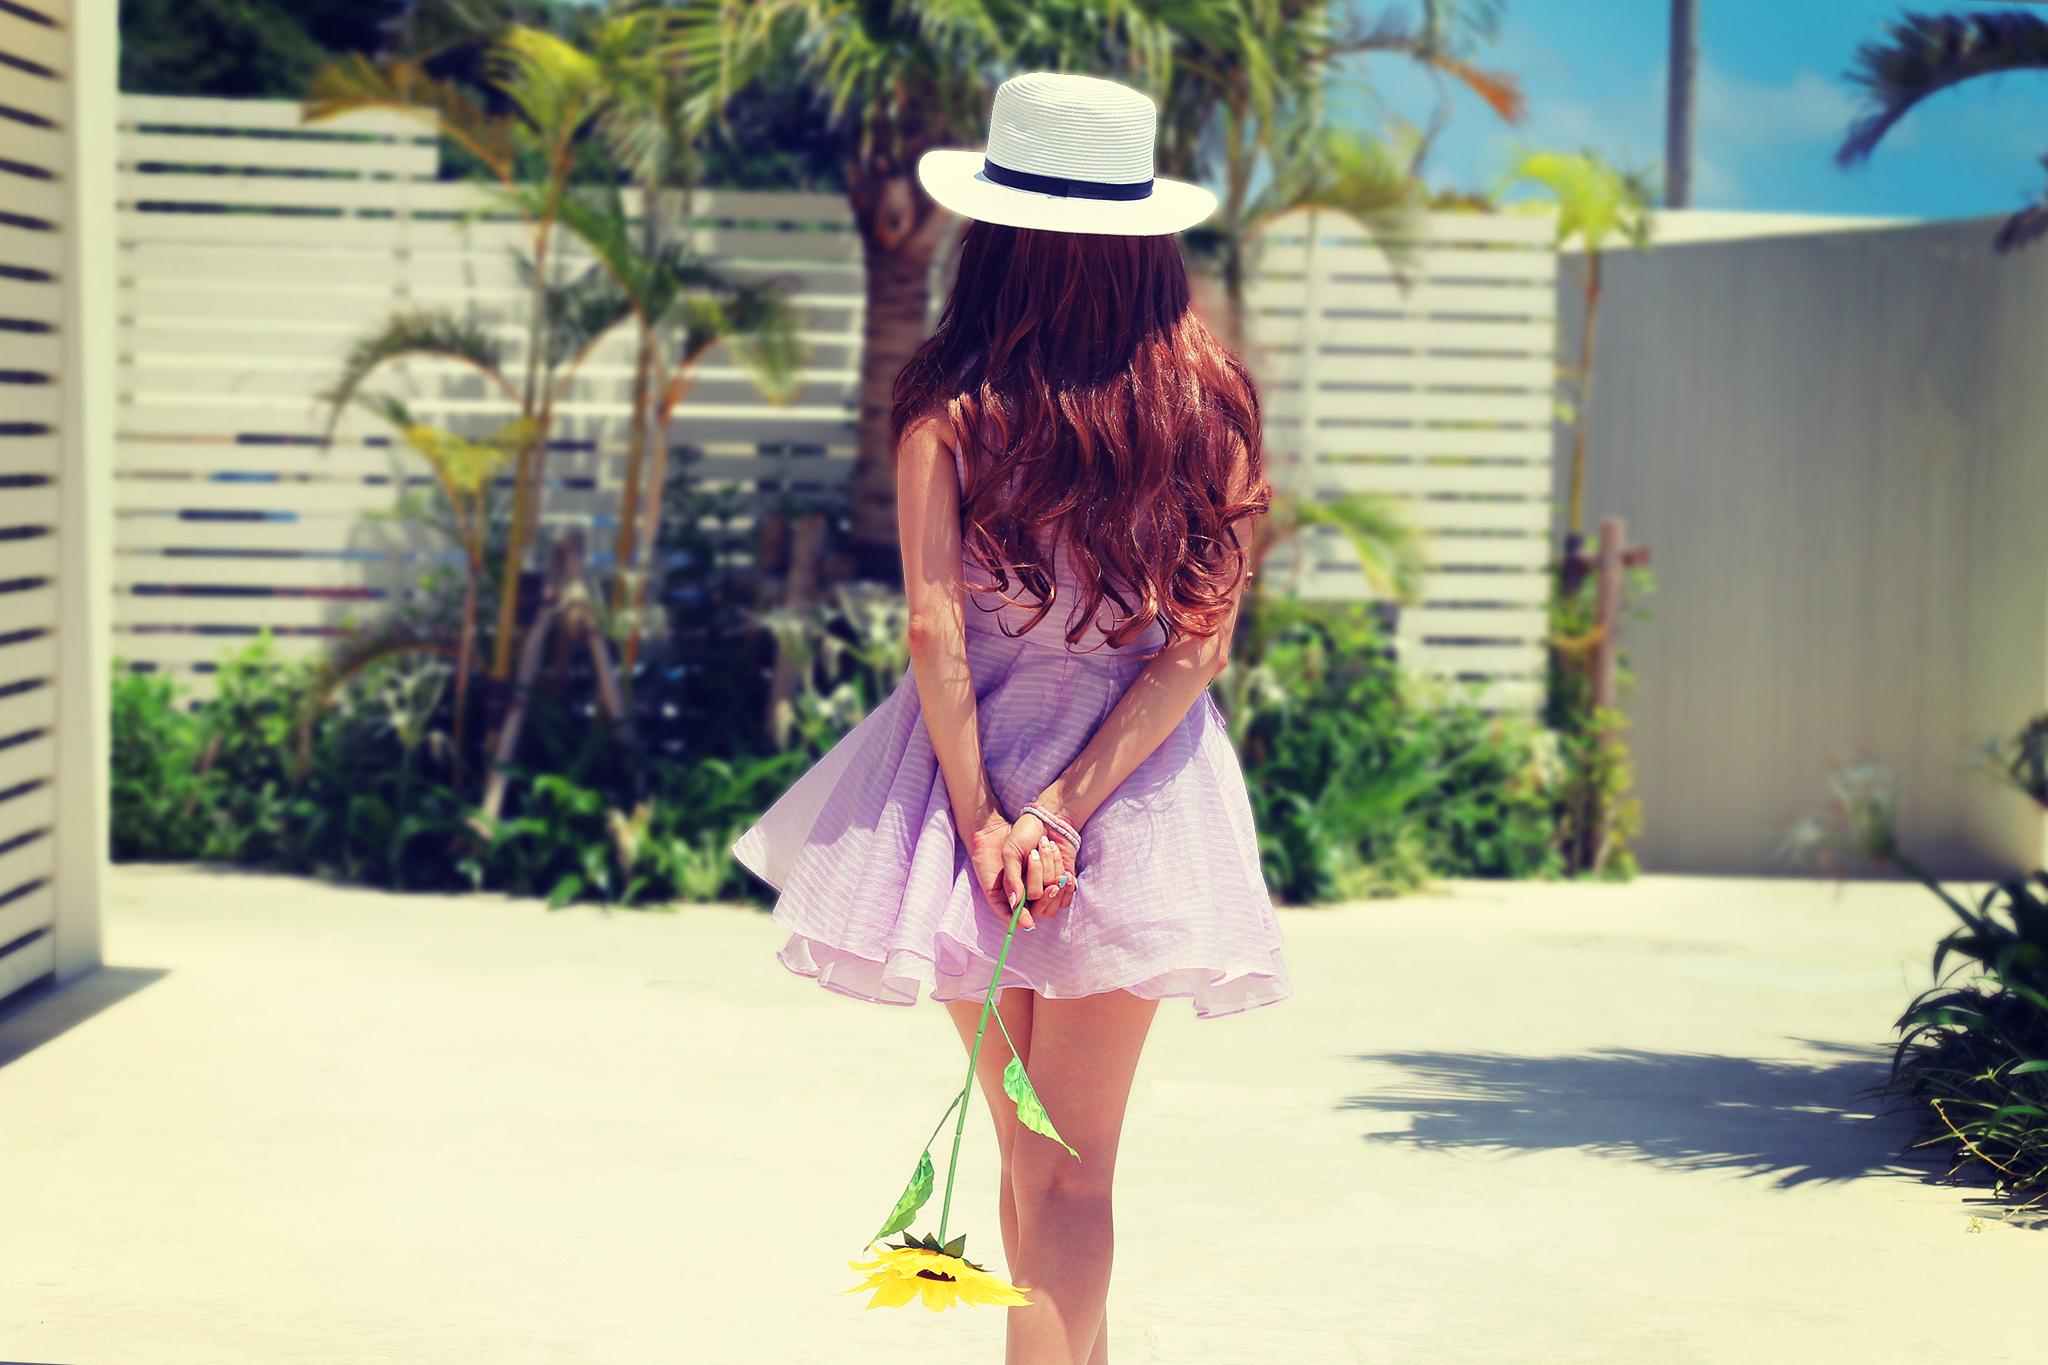 くせっ毛の人のヘアアレンジ方法!湿気で髪がぼさぼさ、くせっ毛になる人の解決